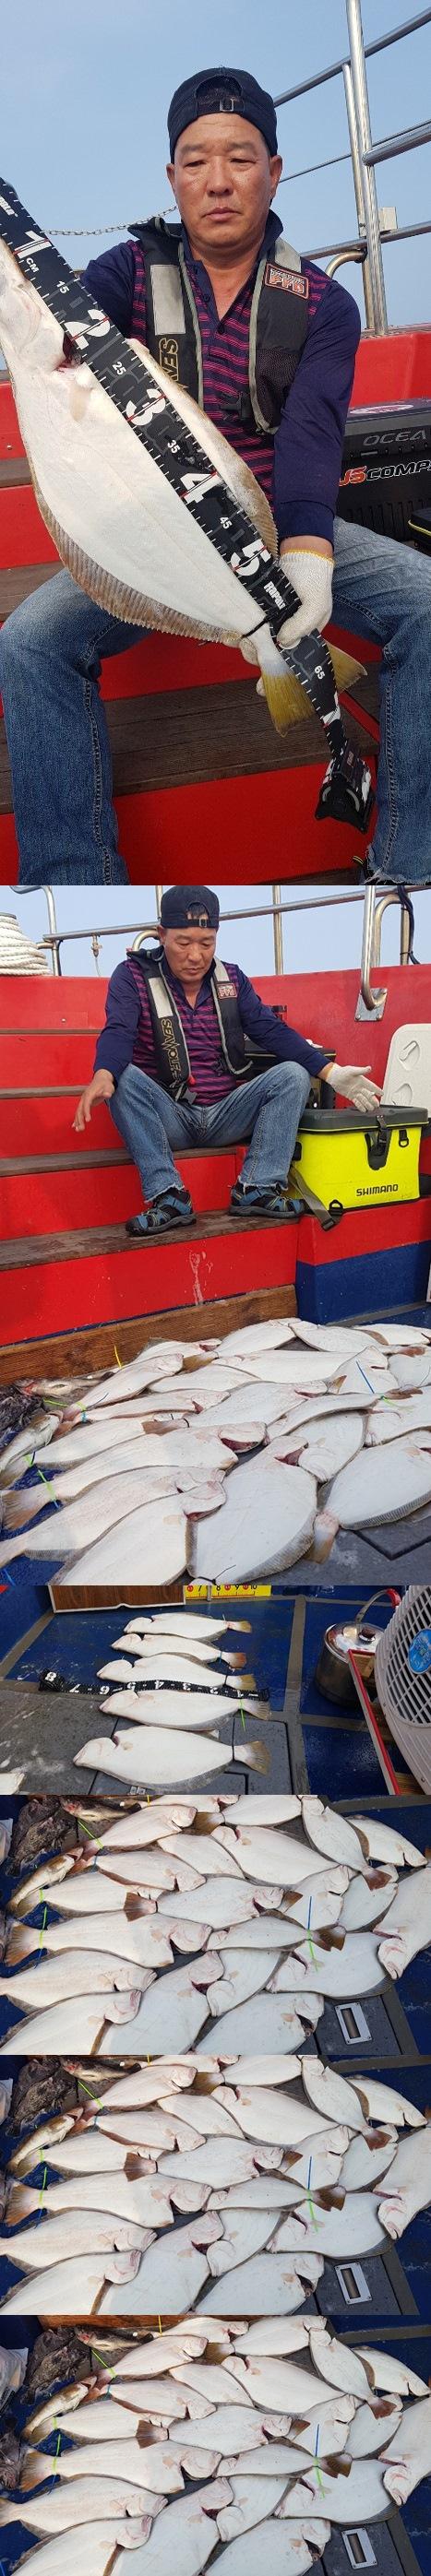 뉴써니호 7월13일 11분 모시고 대광어 다운샷 다녀왔습니다.